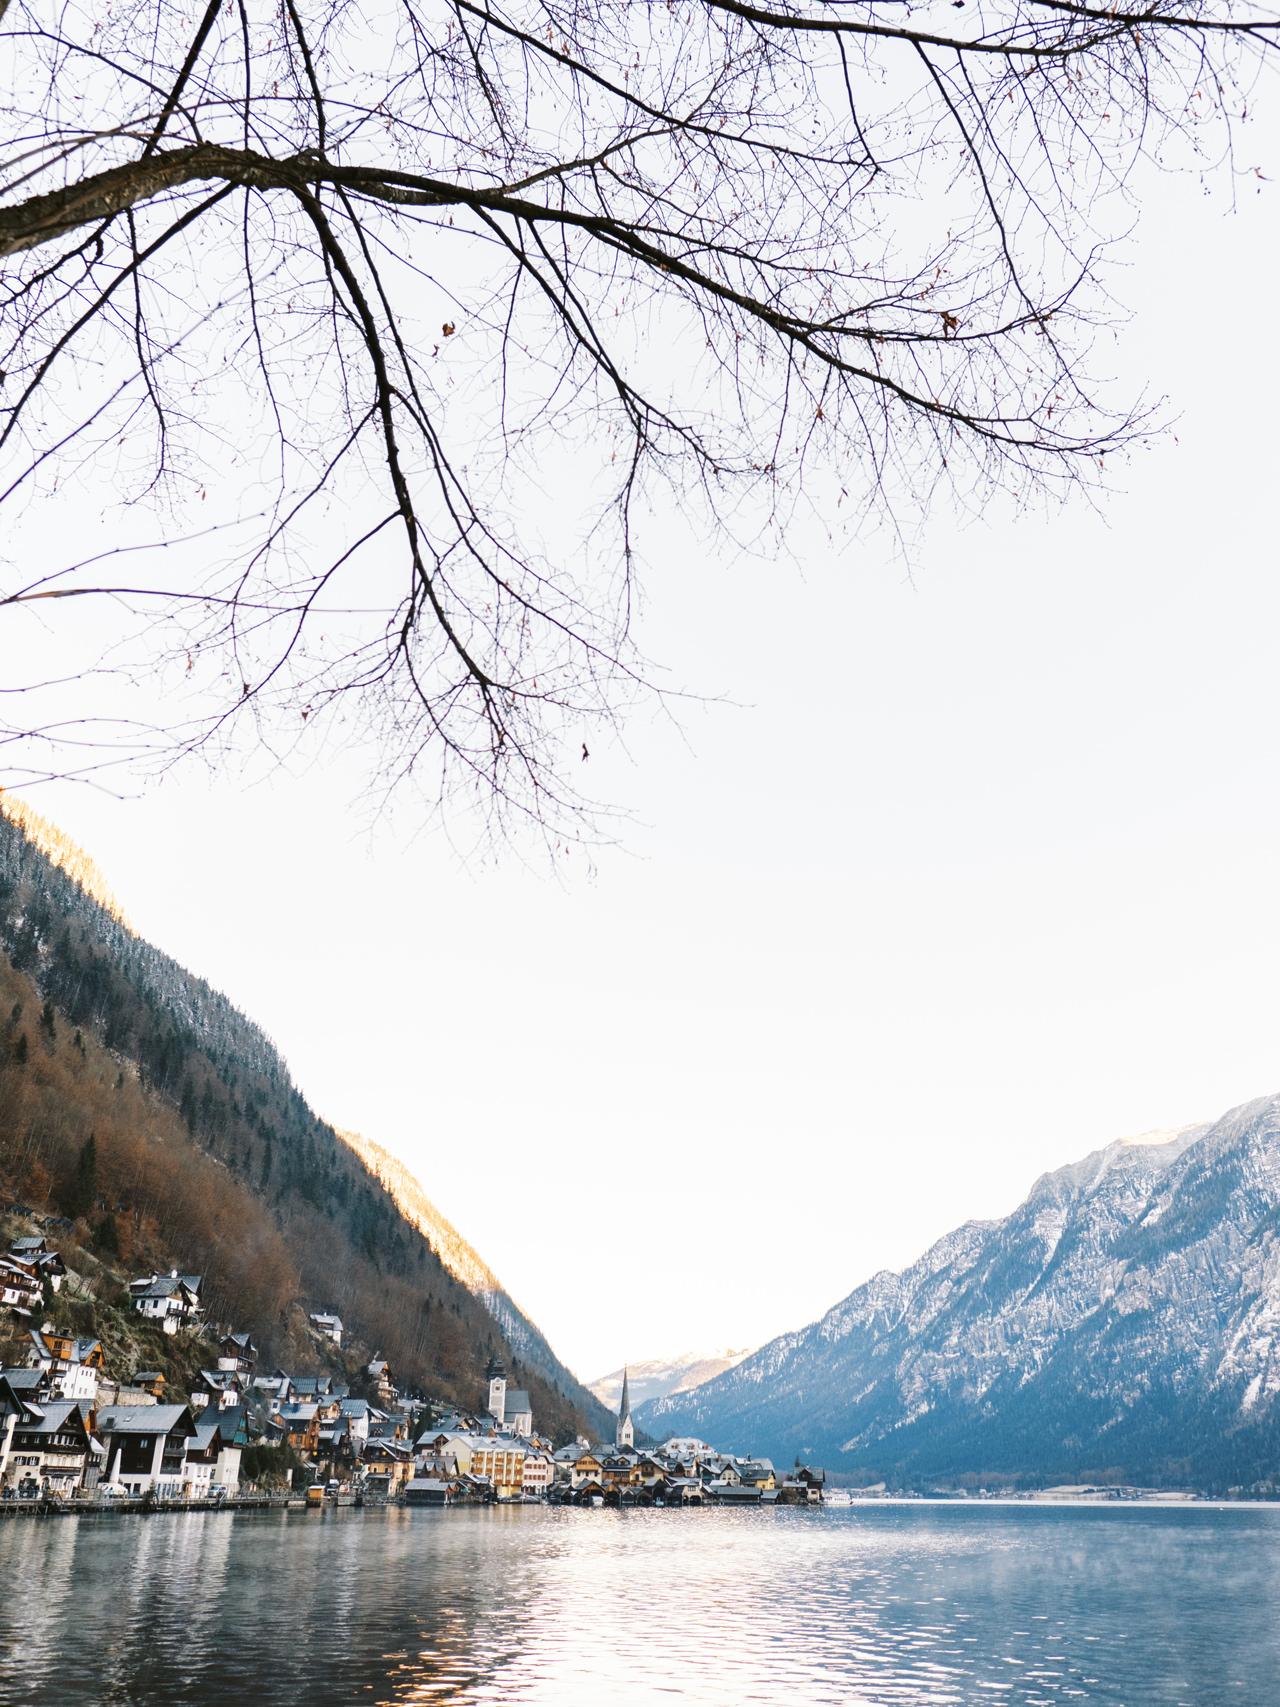 Europe 2016 - Austria 6